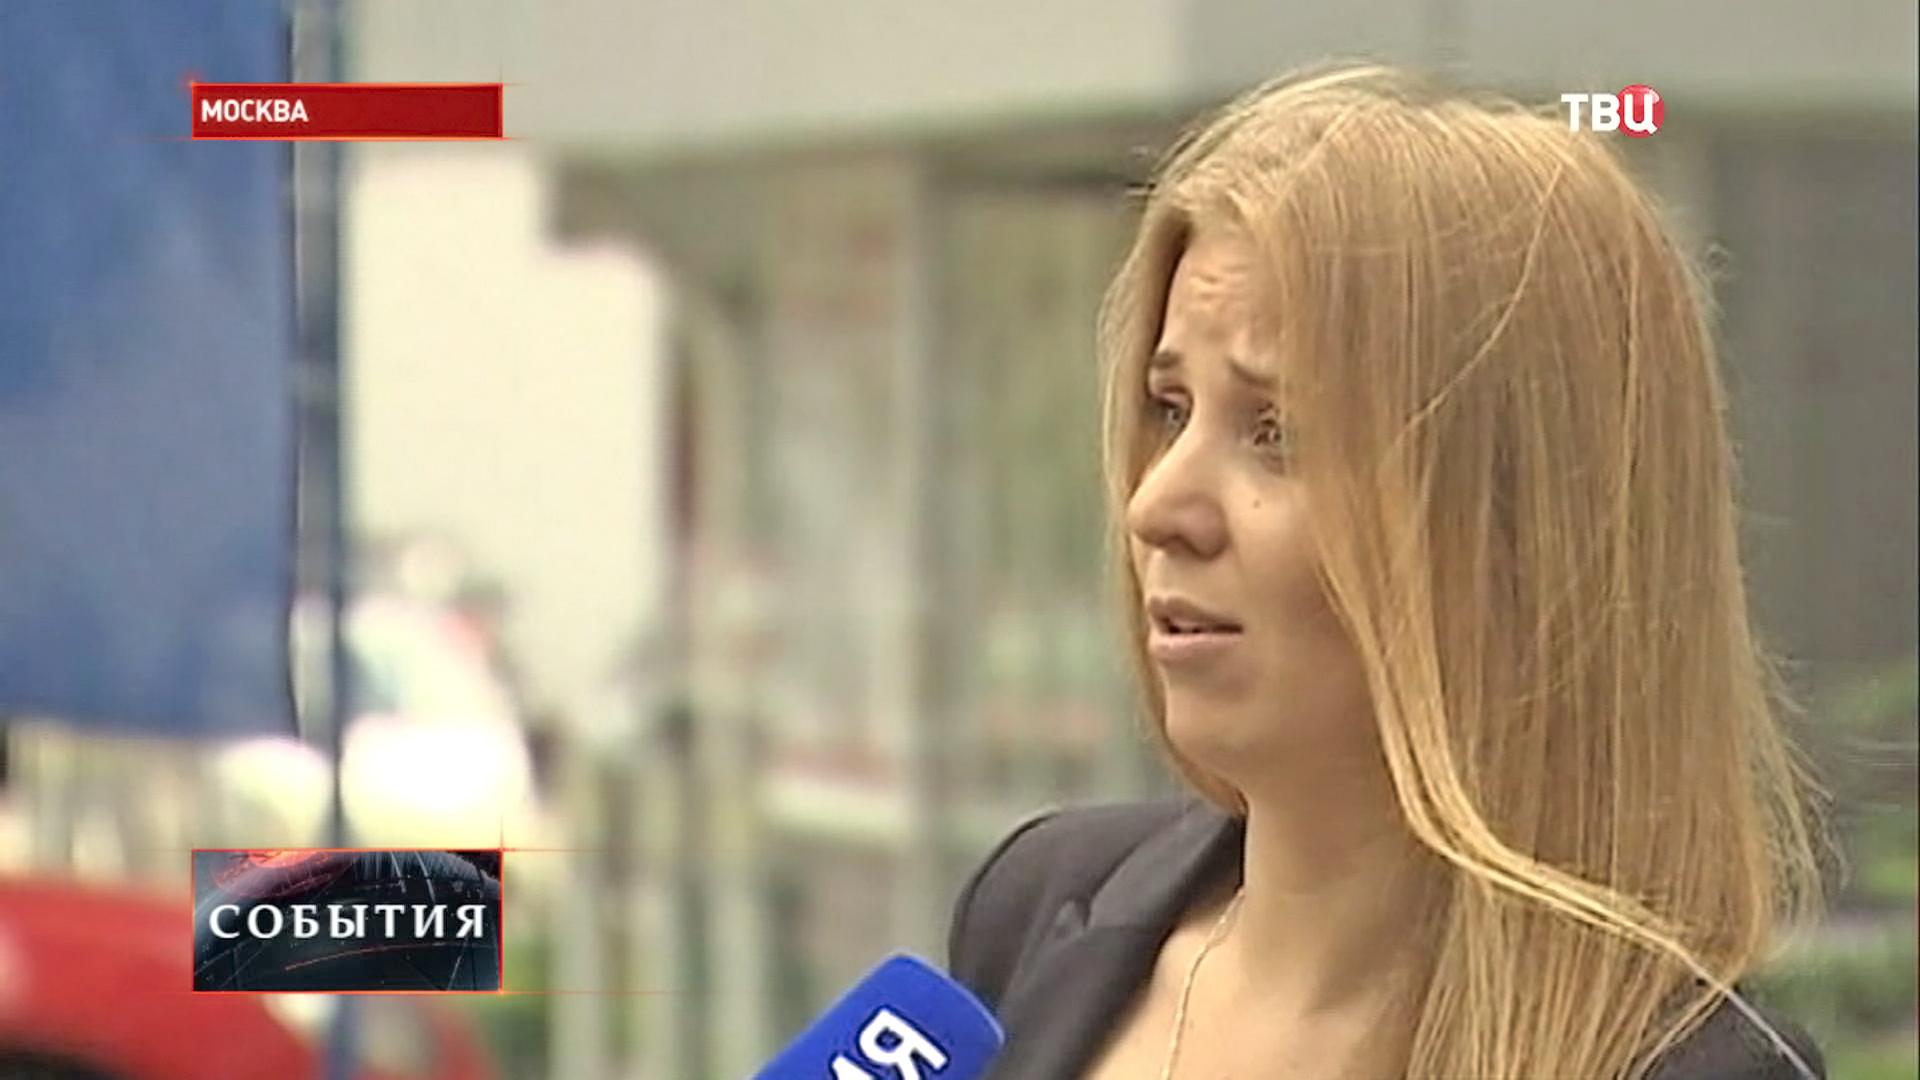 Корреспондент ВГТРК Ксения Кибкало